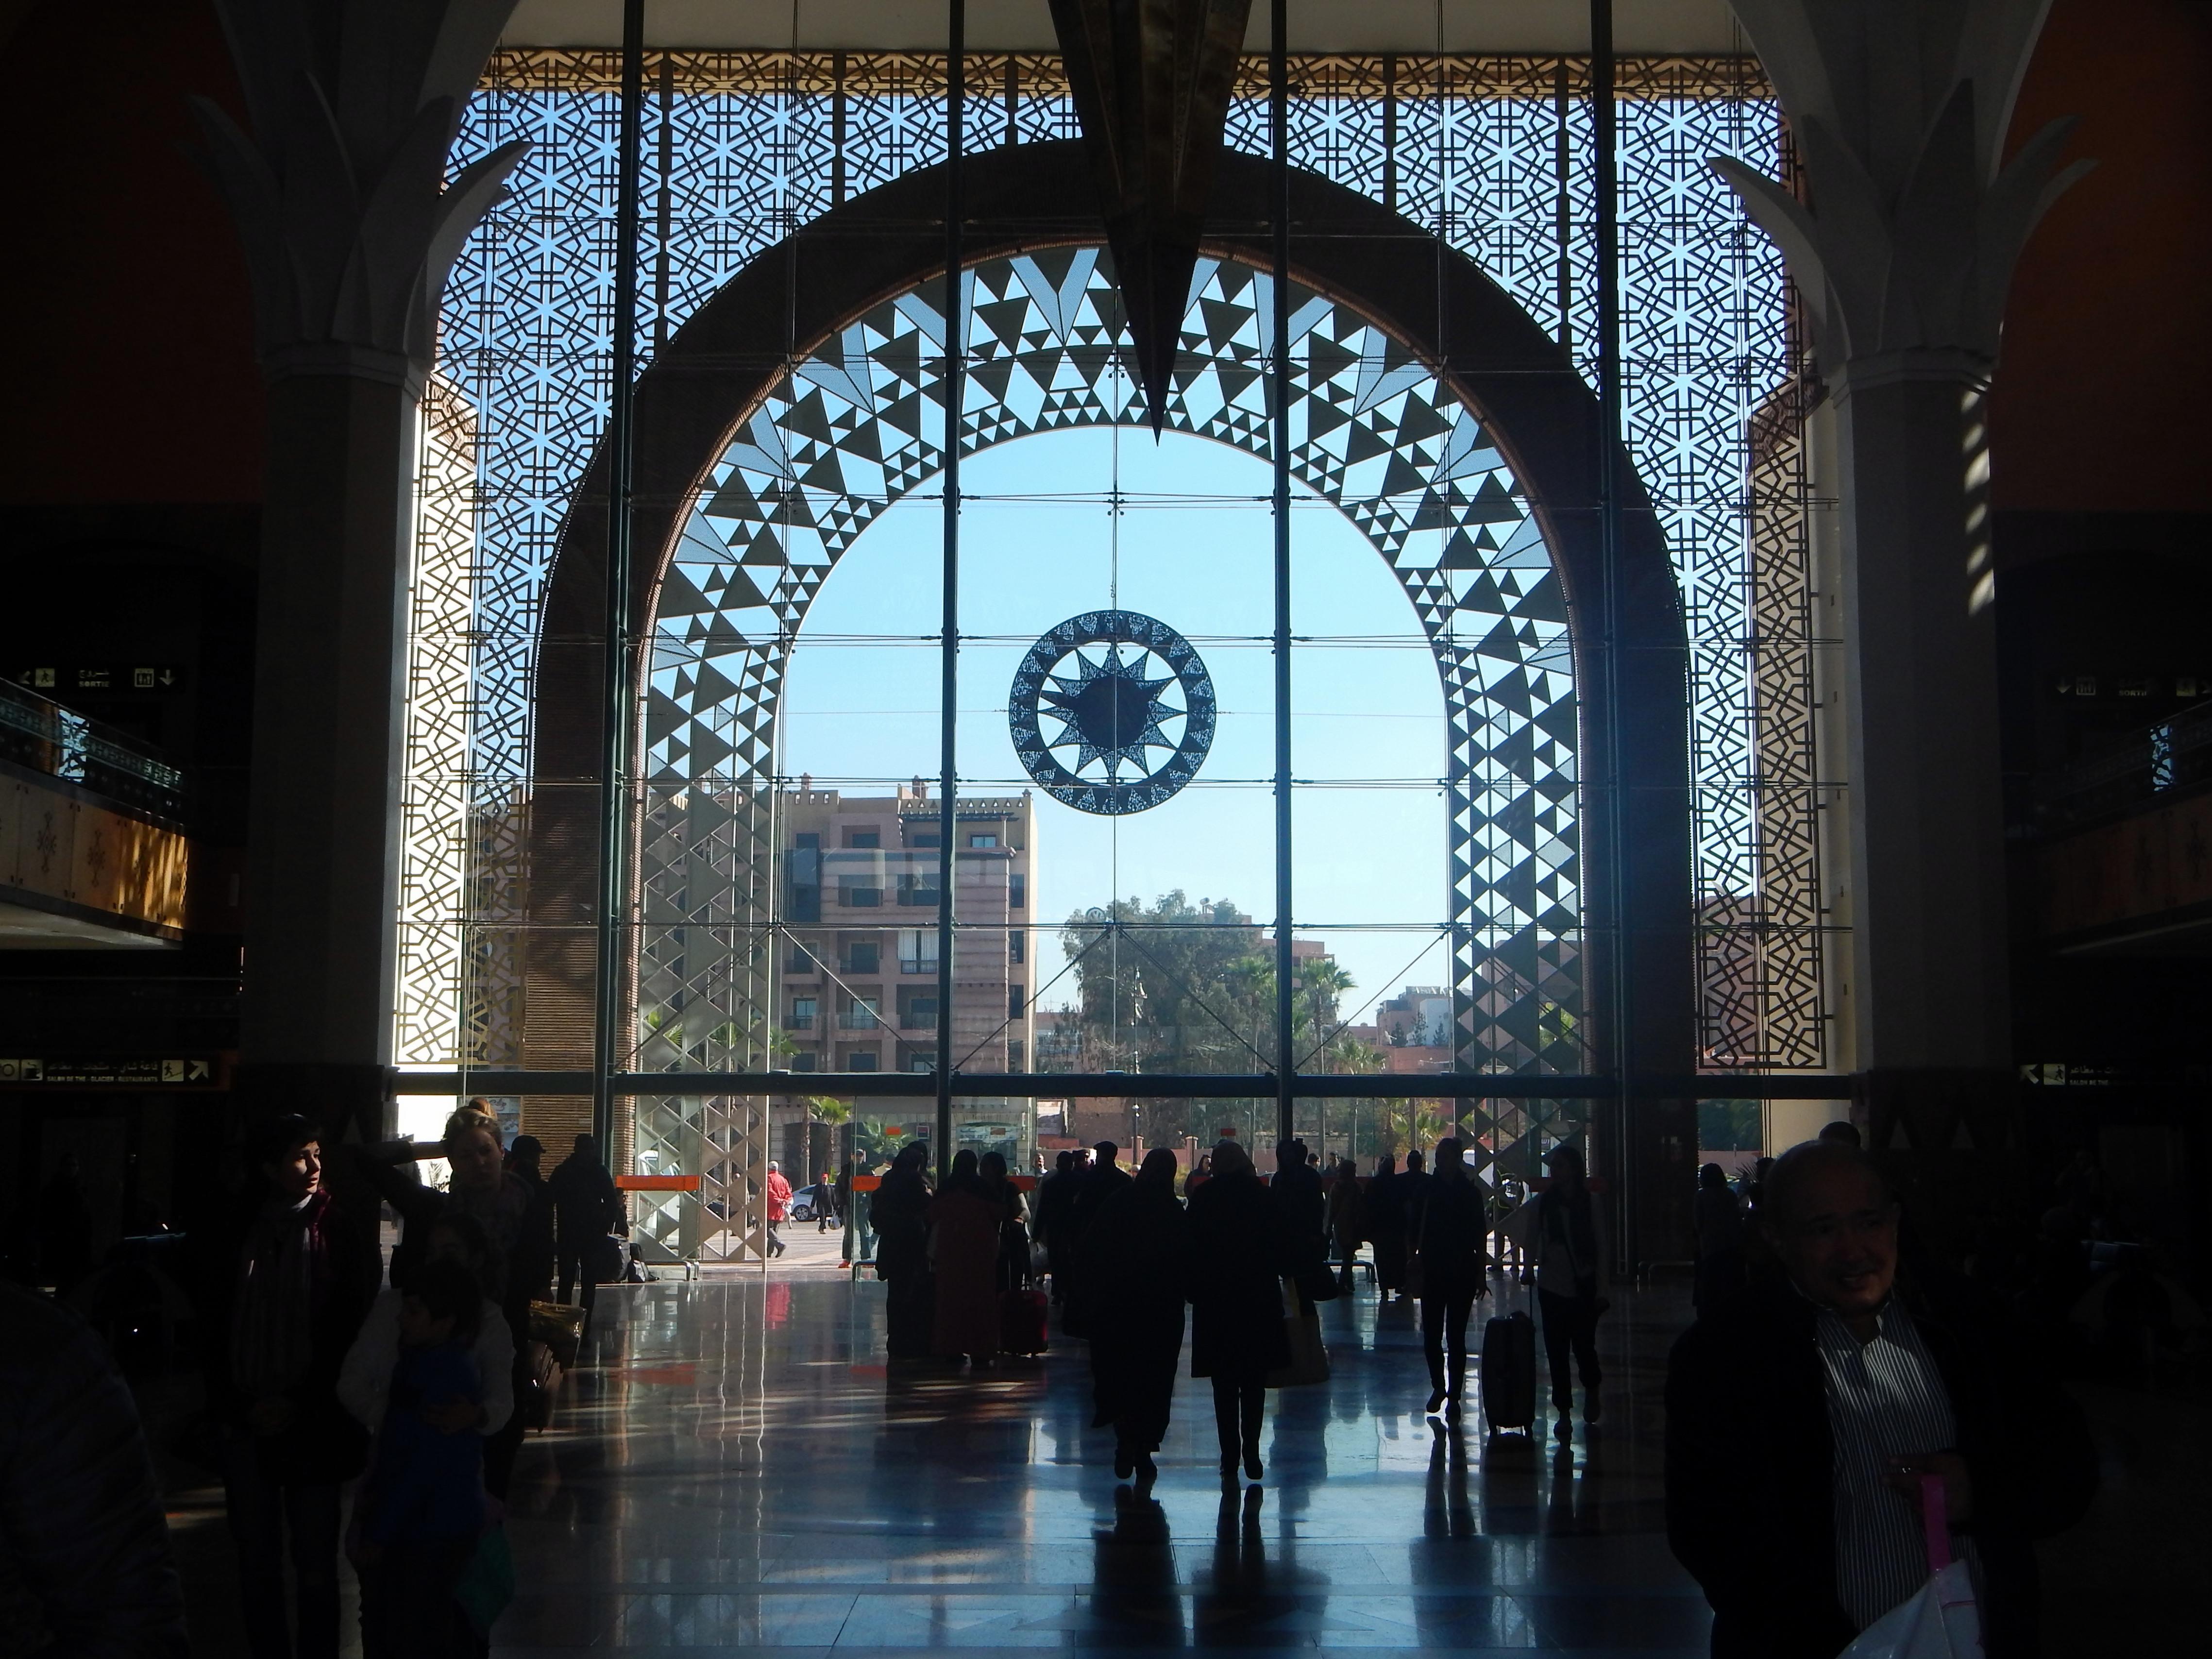 Estación de tren de Fez